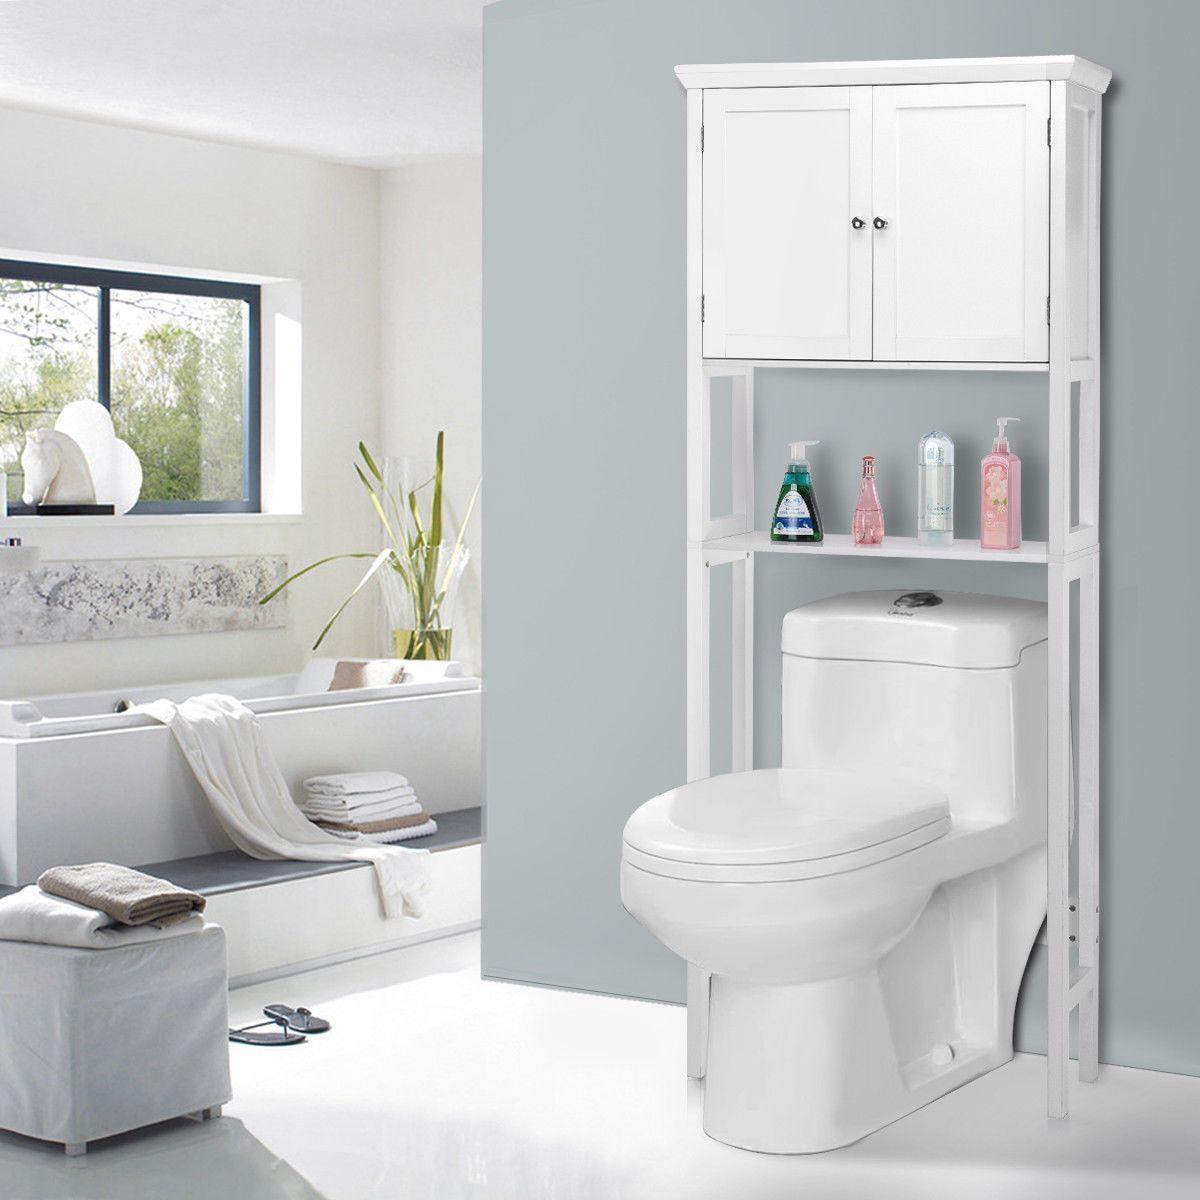 Icon luxury designer fixures giantex toilet storage space saver